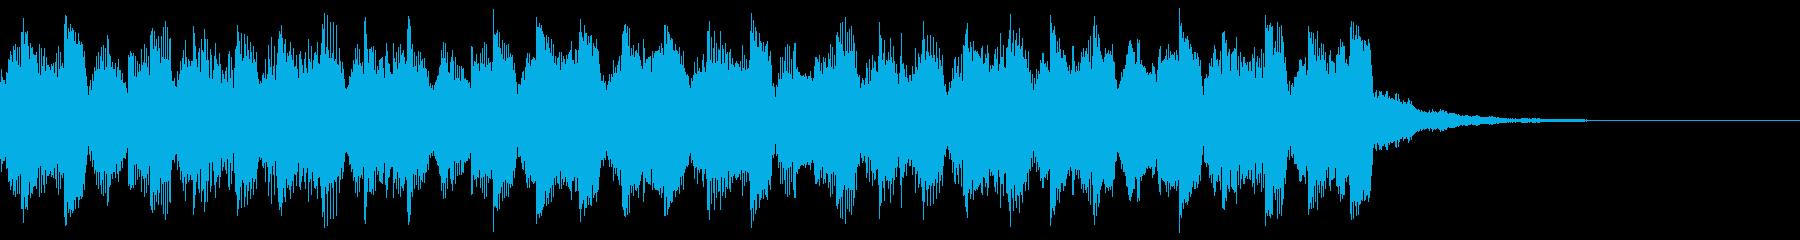 サマーパーティーダンス(ショート3)の再生済みの波形